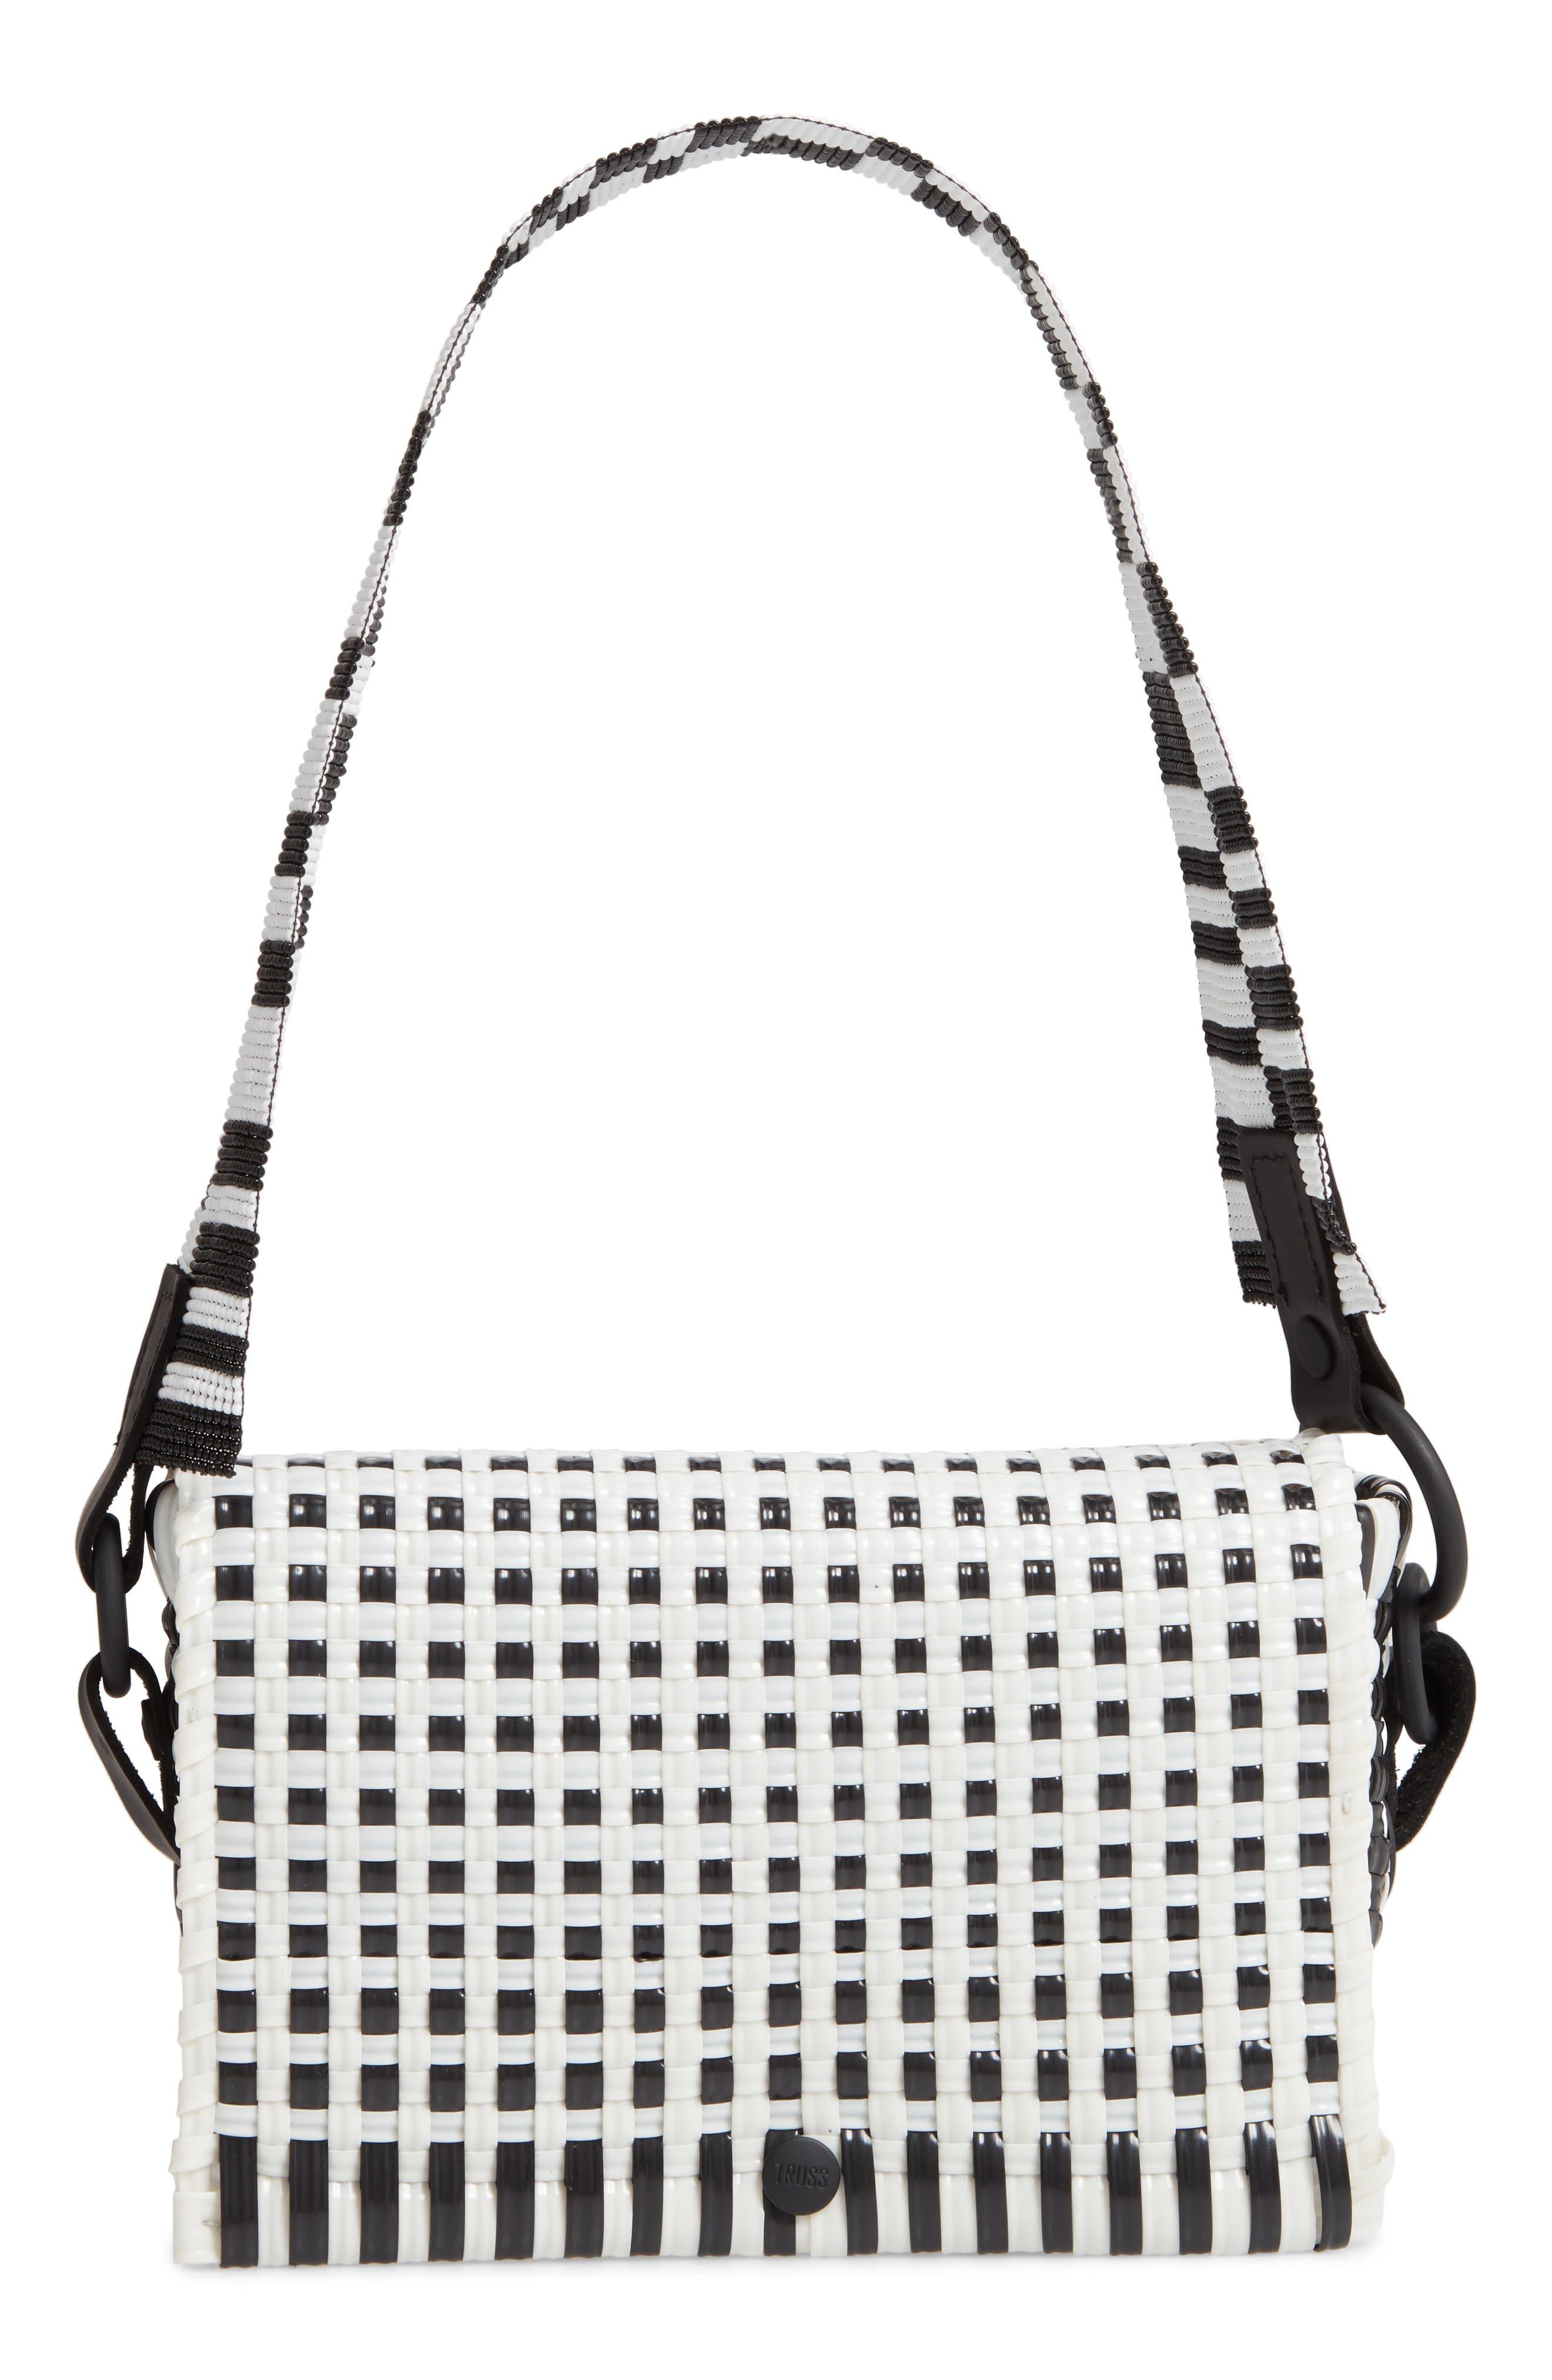 Woven Baguette Shoulder Bag,                             Main thumbnail 1, color,                             BLACK/ WHITE